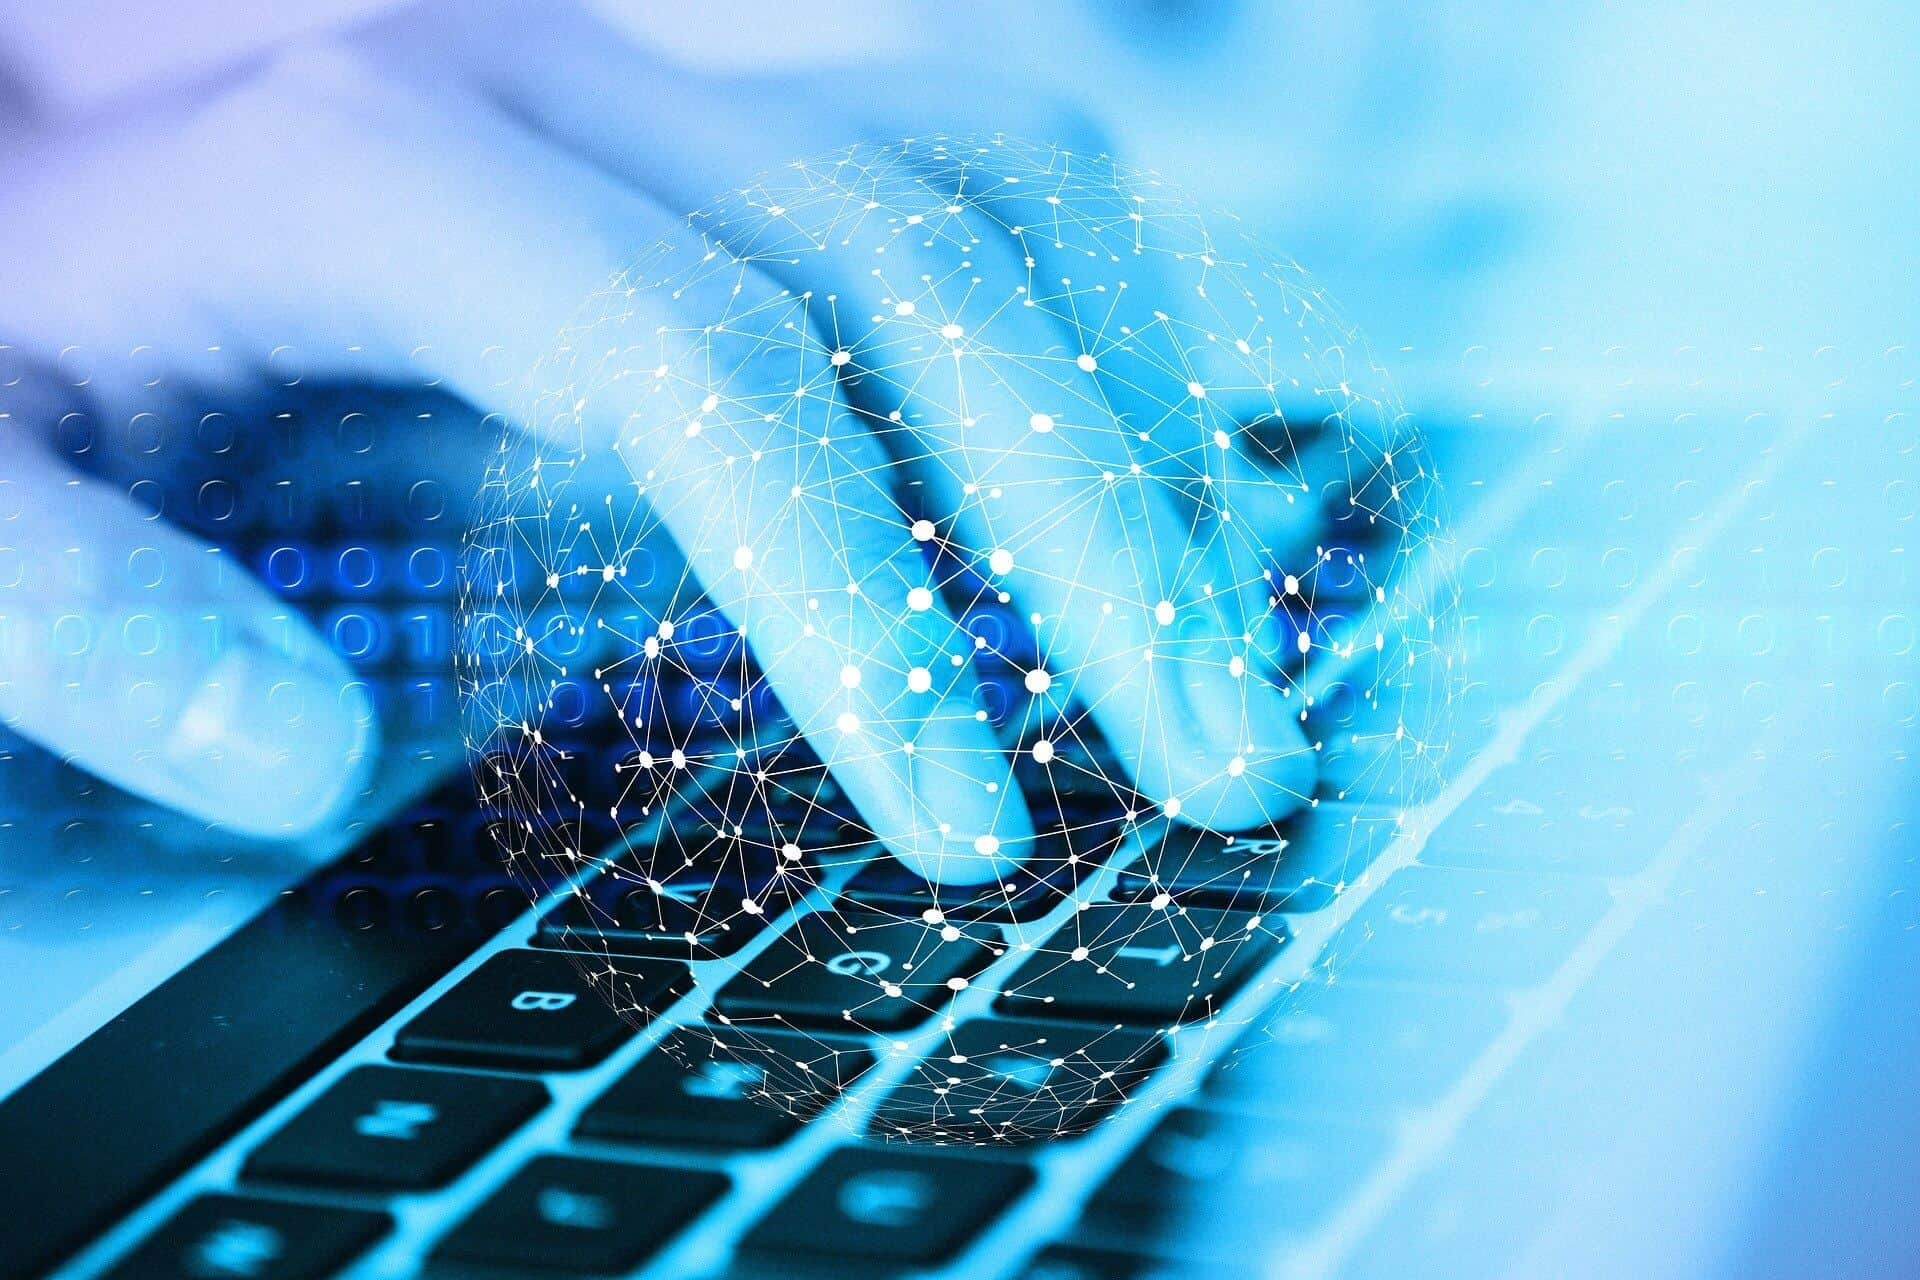 waarom honeypots worden gebruikt voor cybersecurity